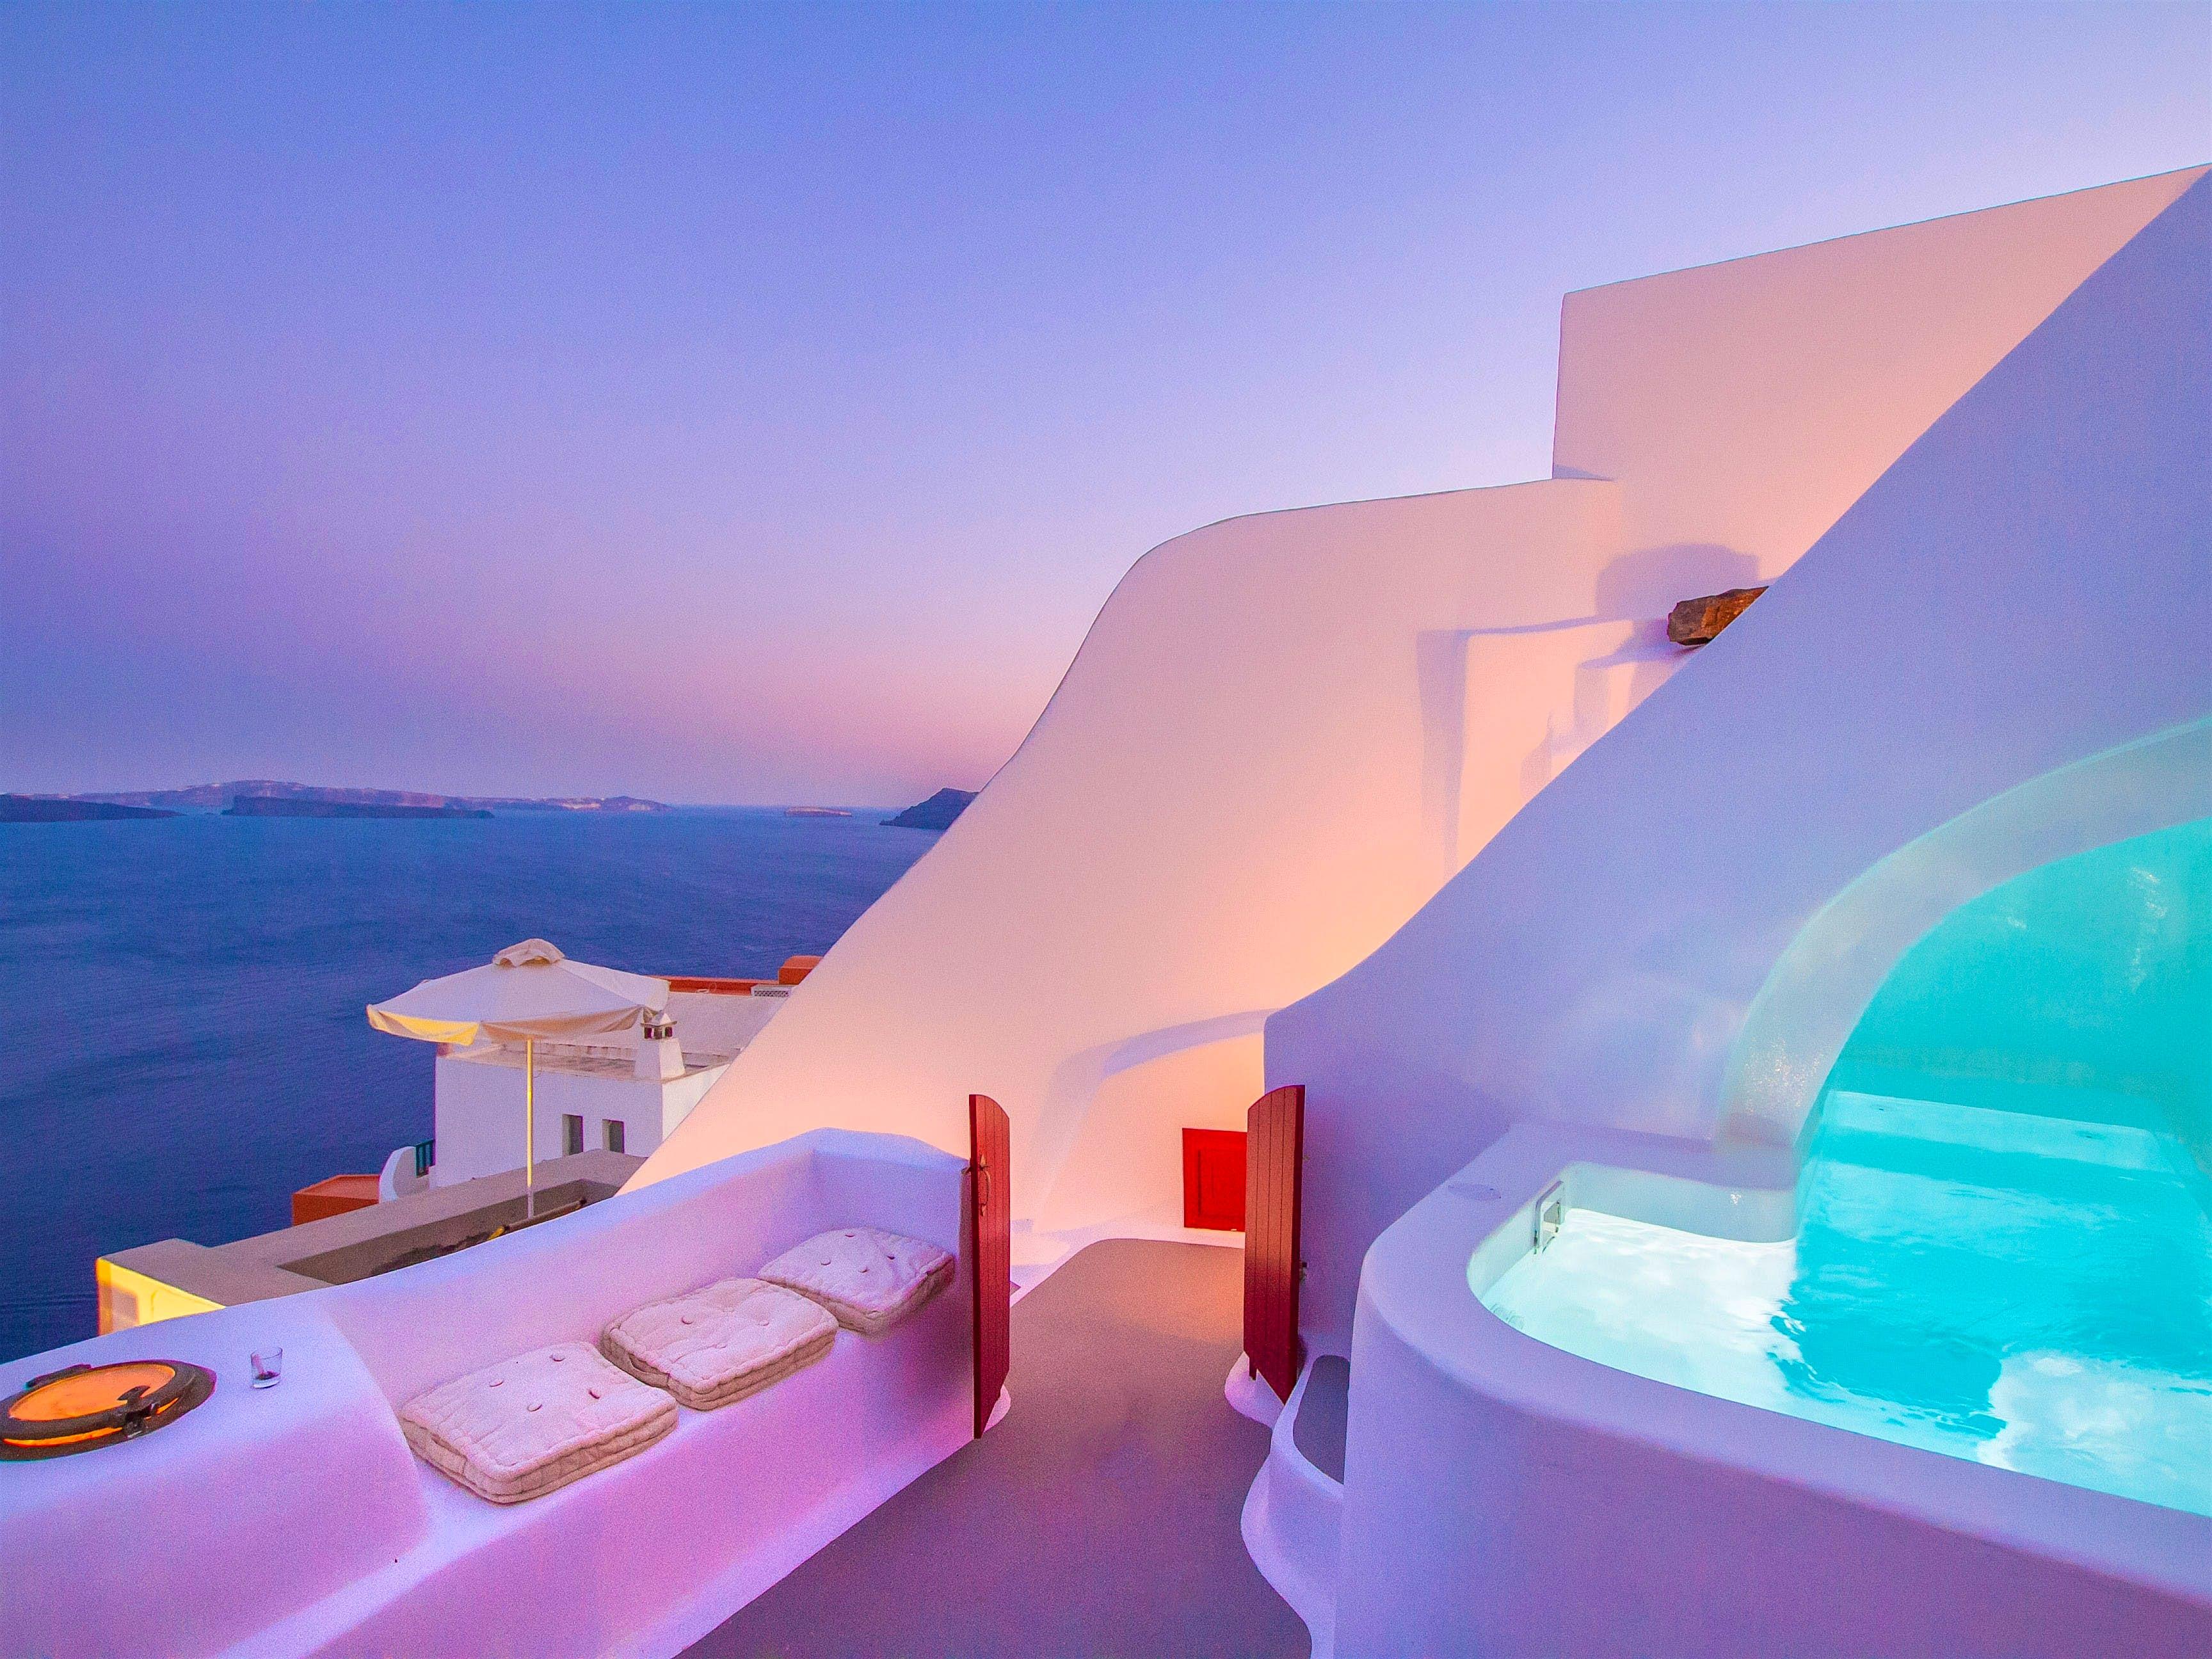 Uma foto da casa em Santorini com sua típica cor branca